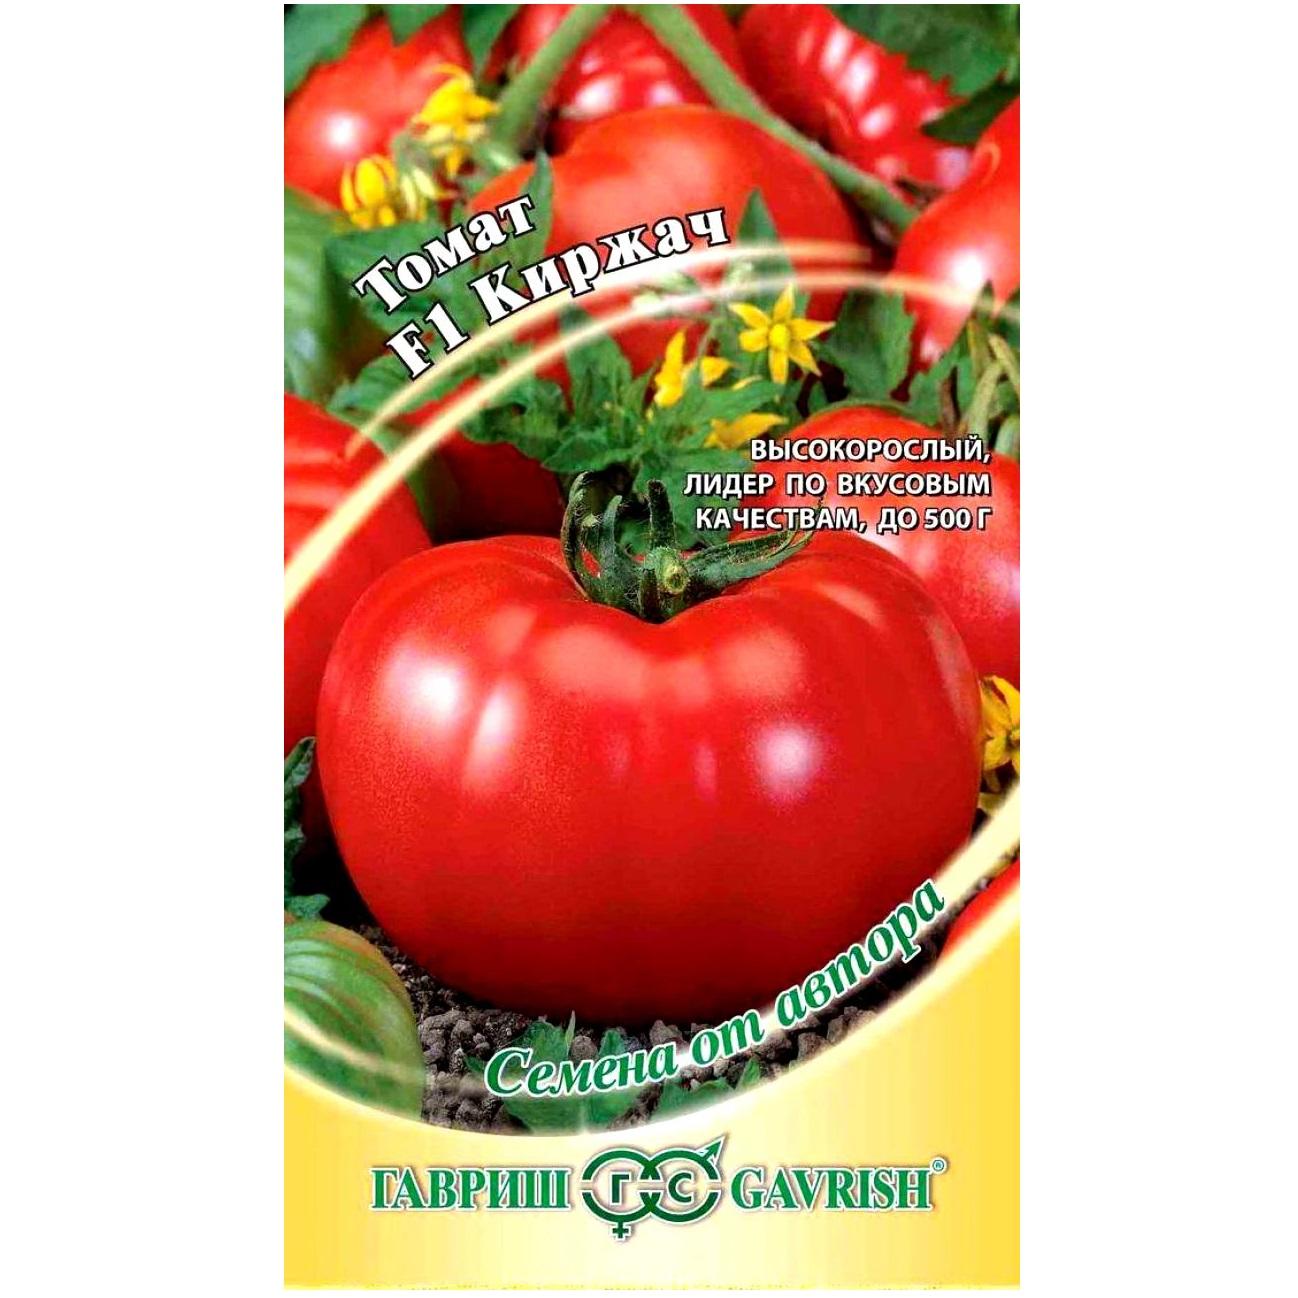 Томат киржач: фото с описанием, урожайность и отзывы  — vkmp